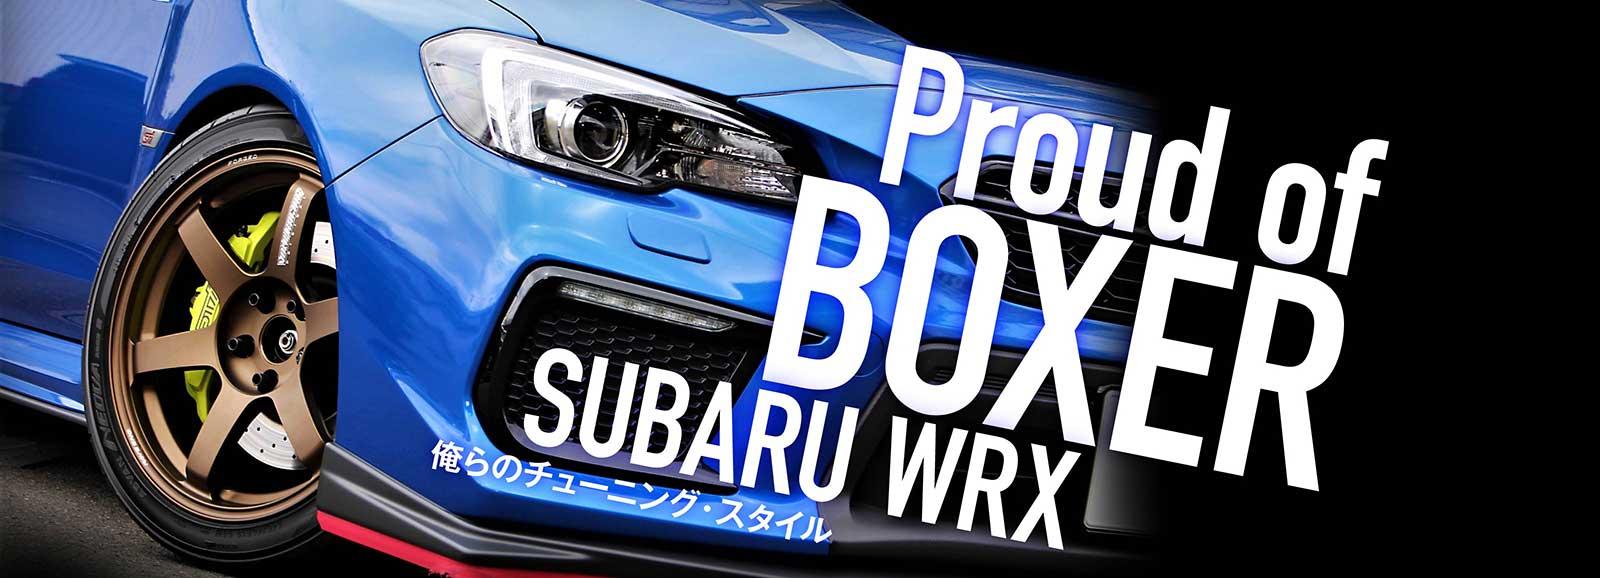 スバルWRX特集/「ボクサー」をさらに磨き上げる!